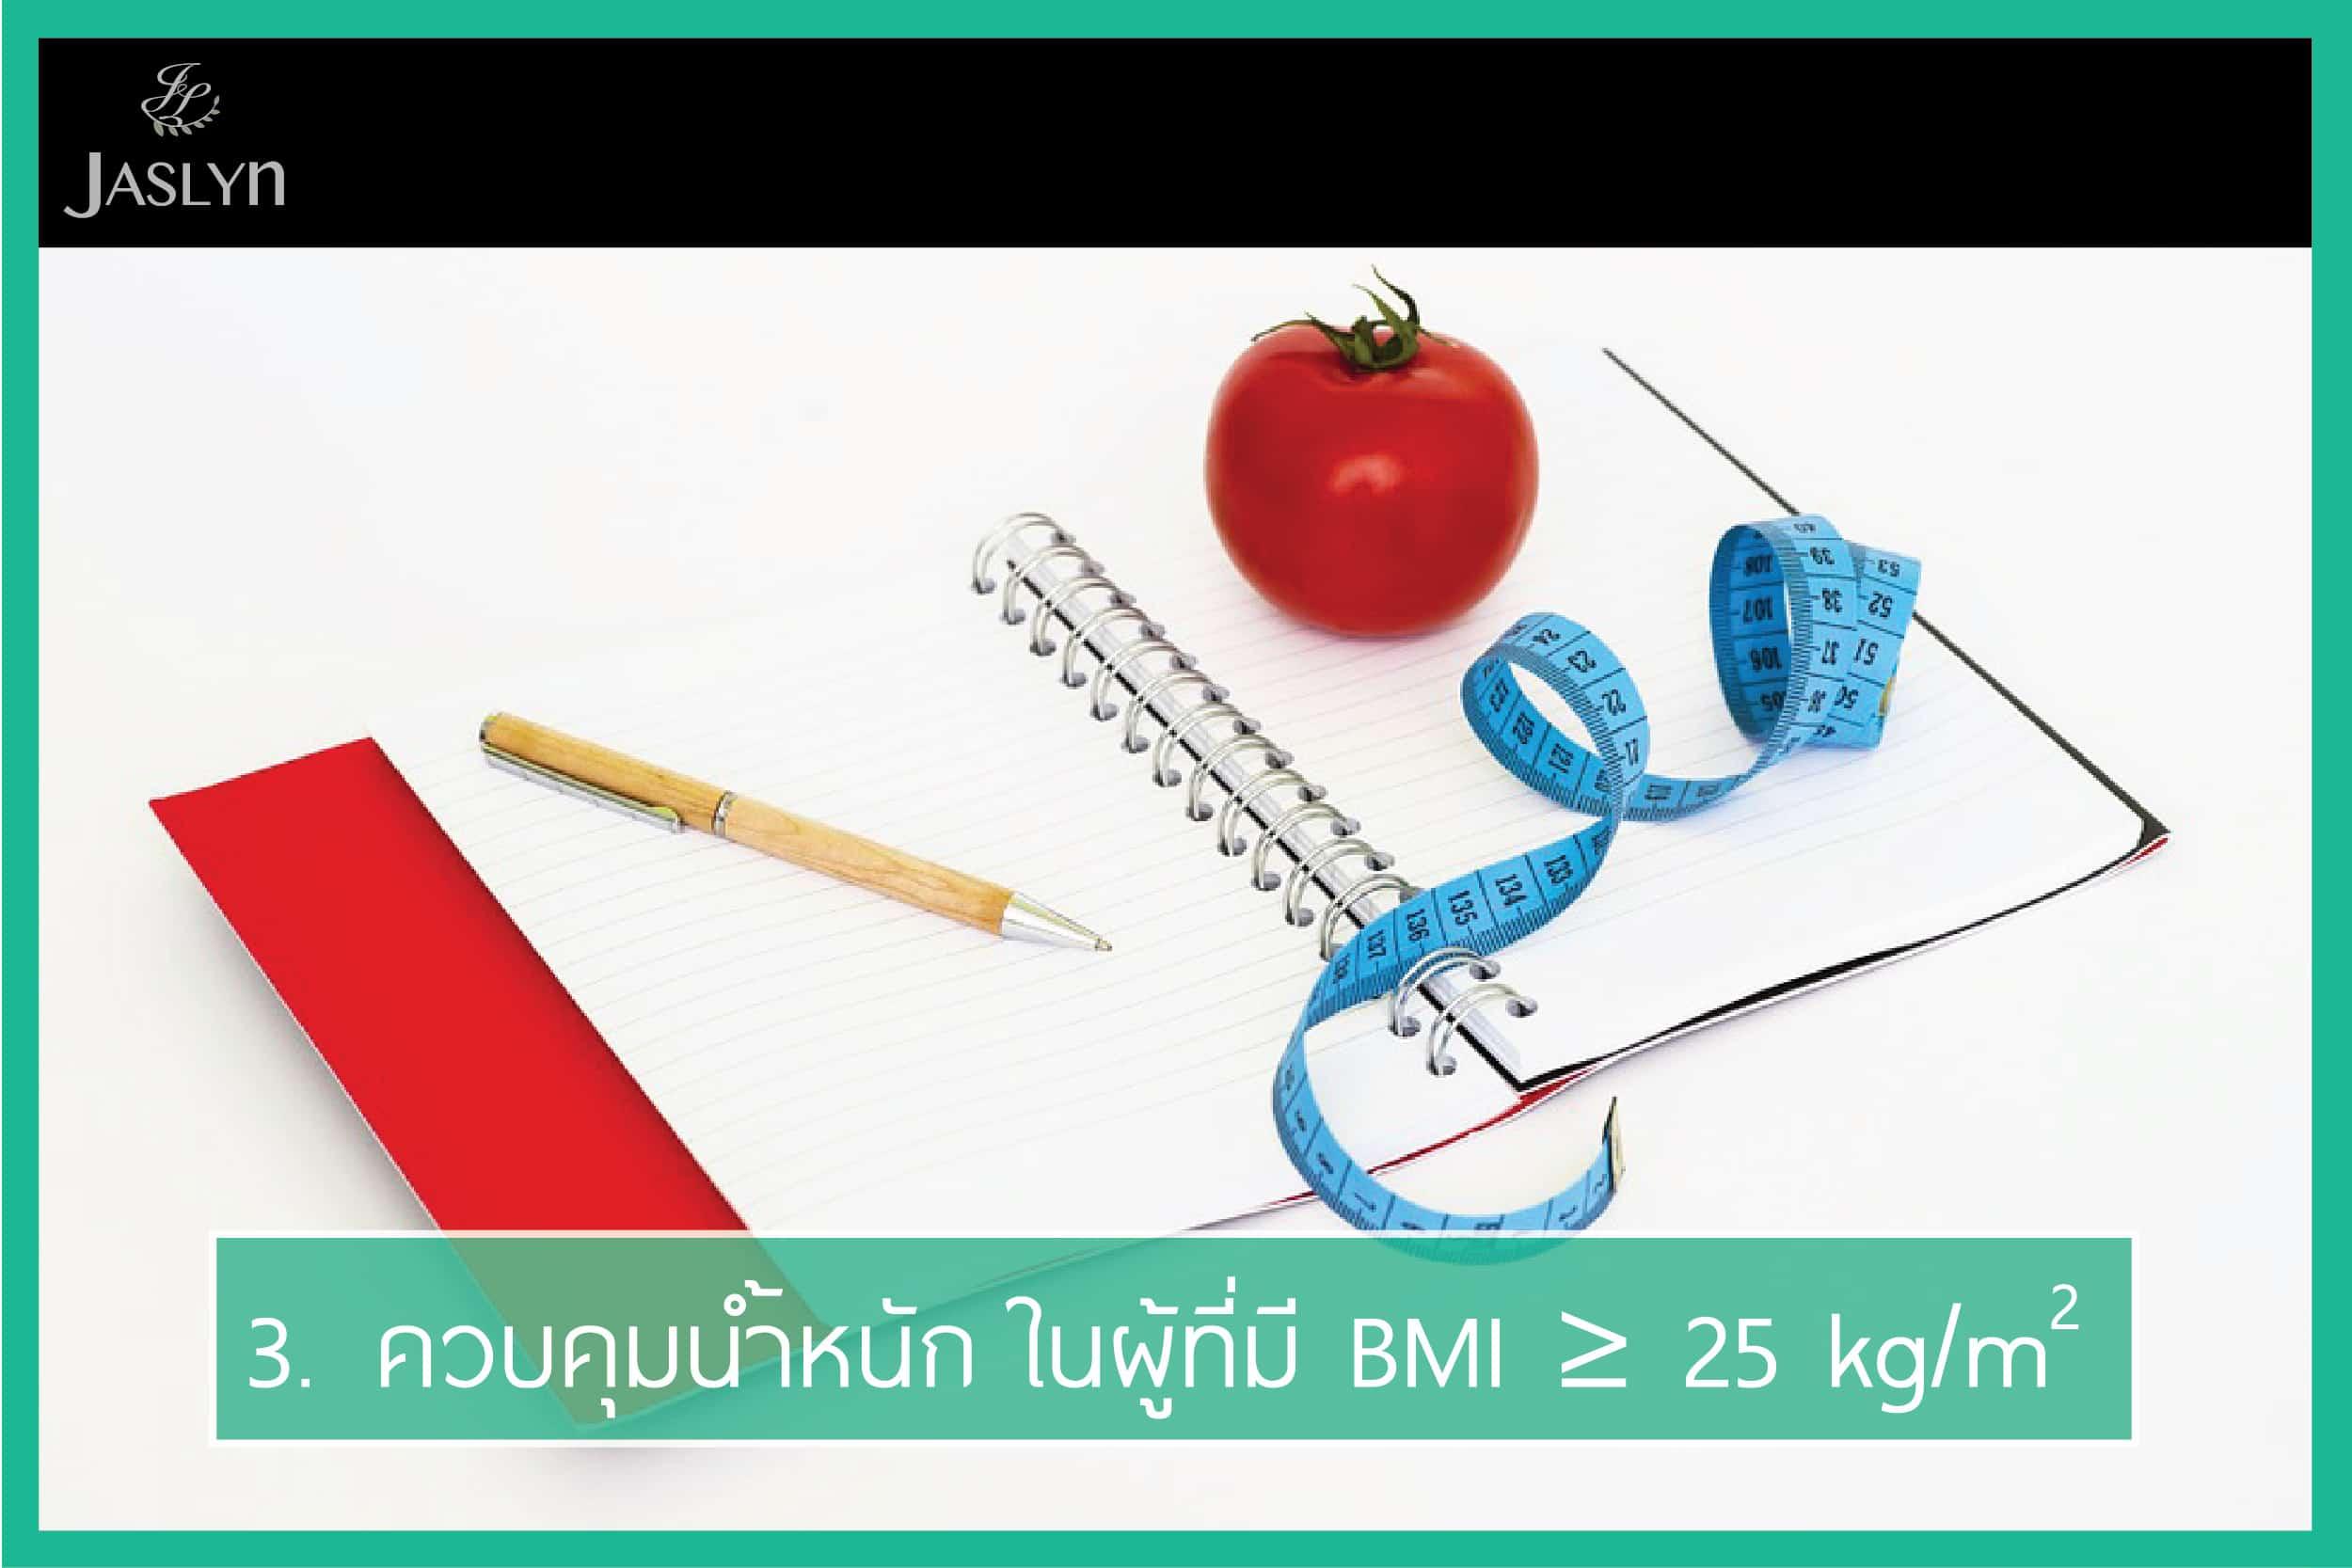 ควบคุมน้ำหนัก ความดันโลหิตสูง